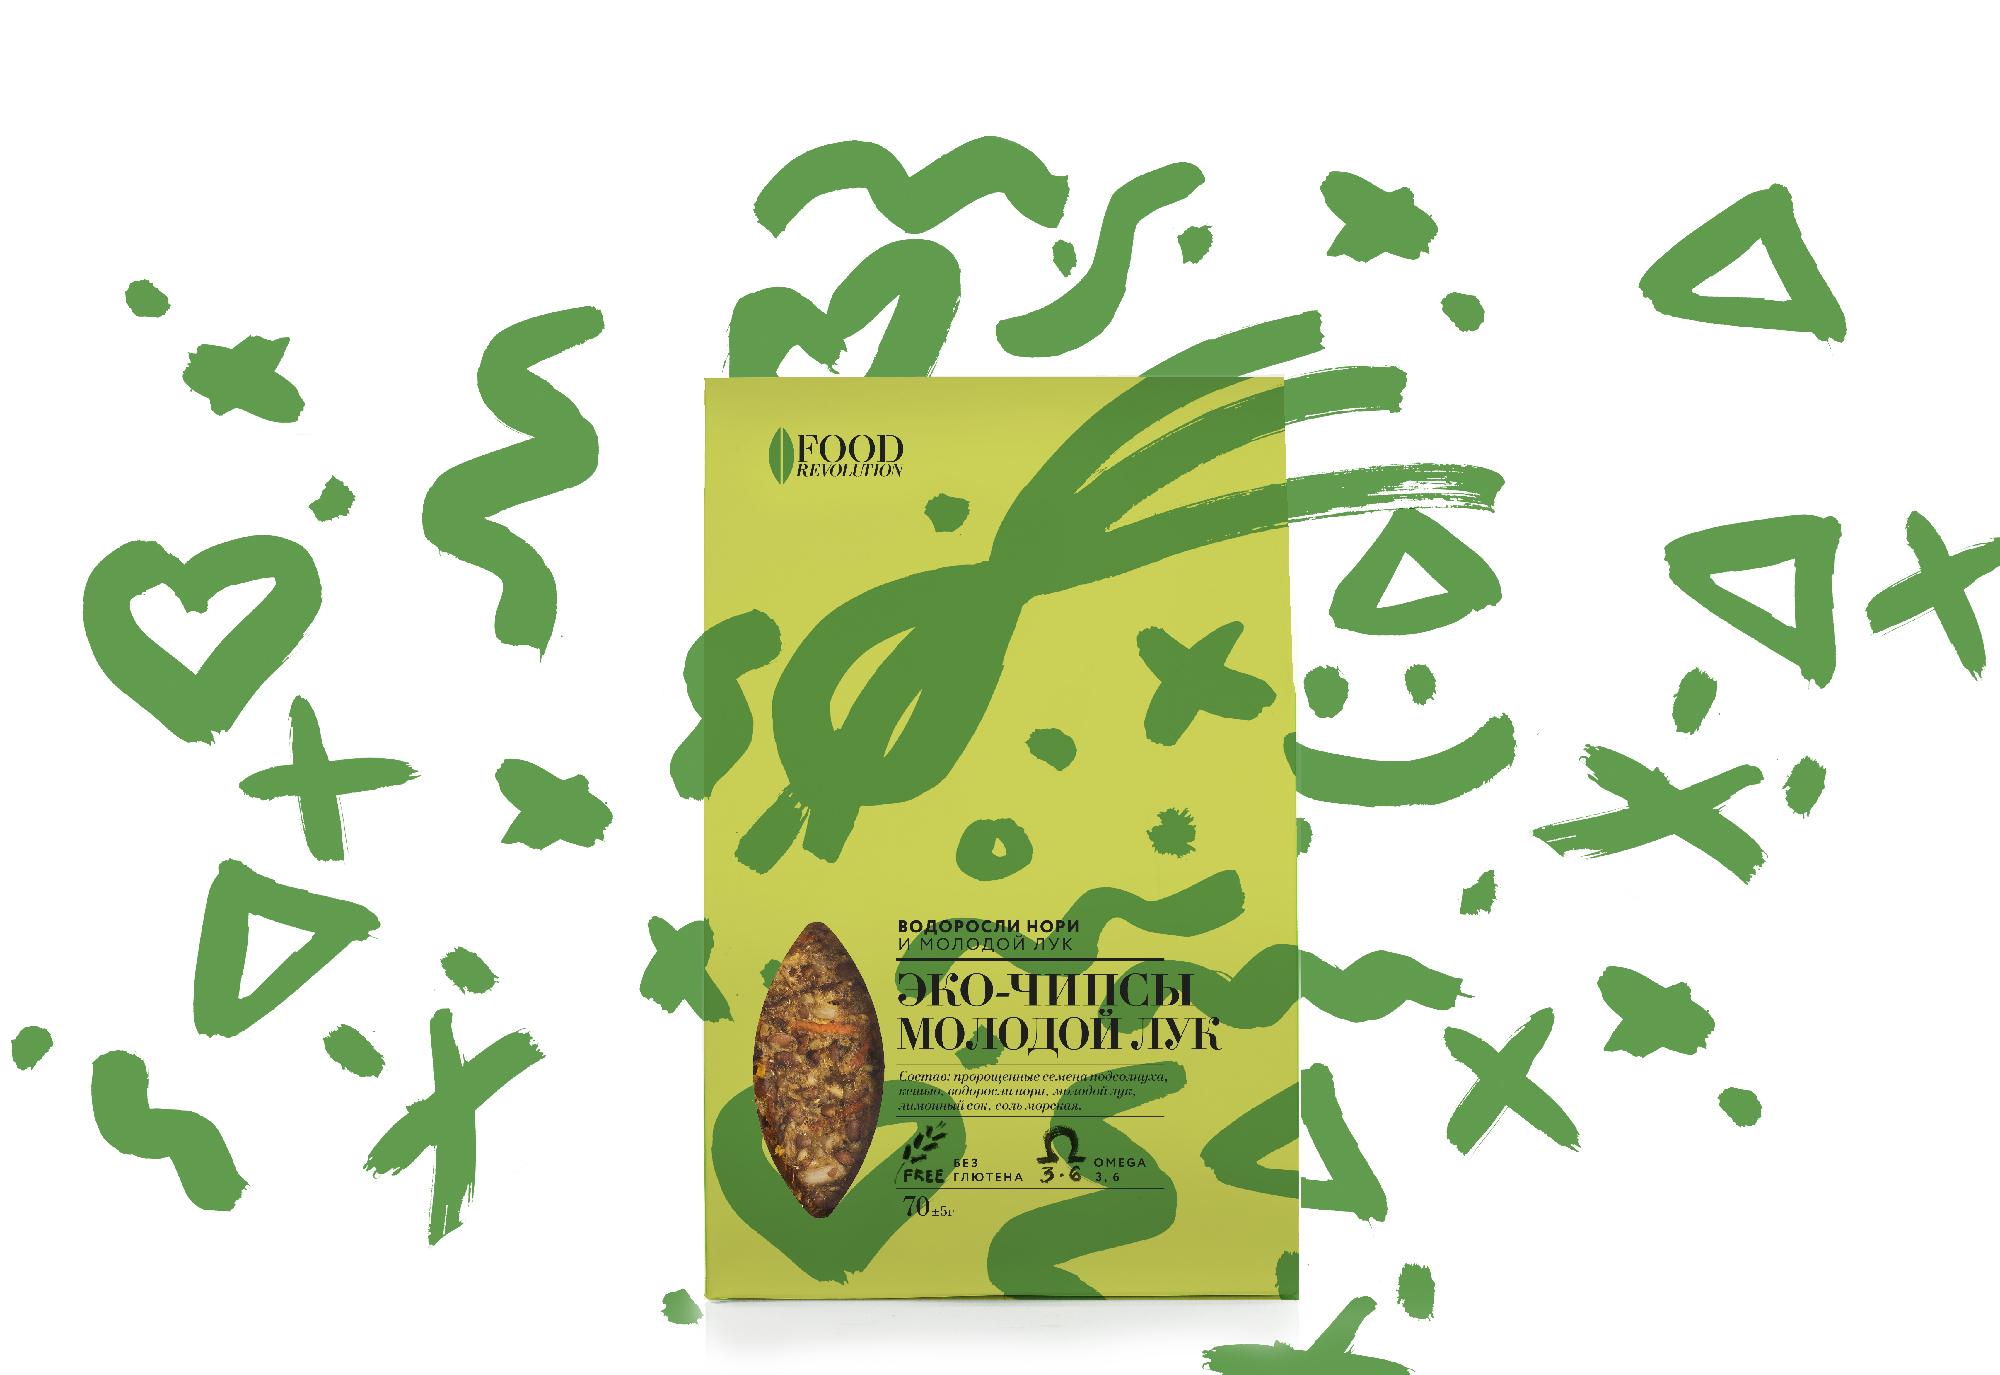 эко-чипы Food Revolution